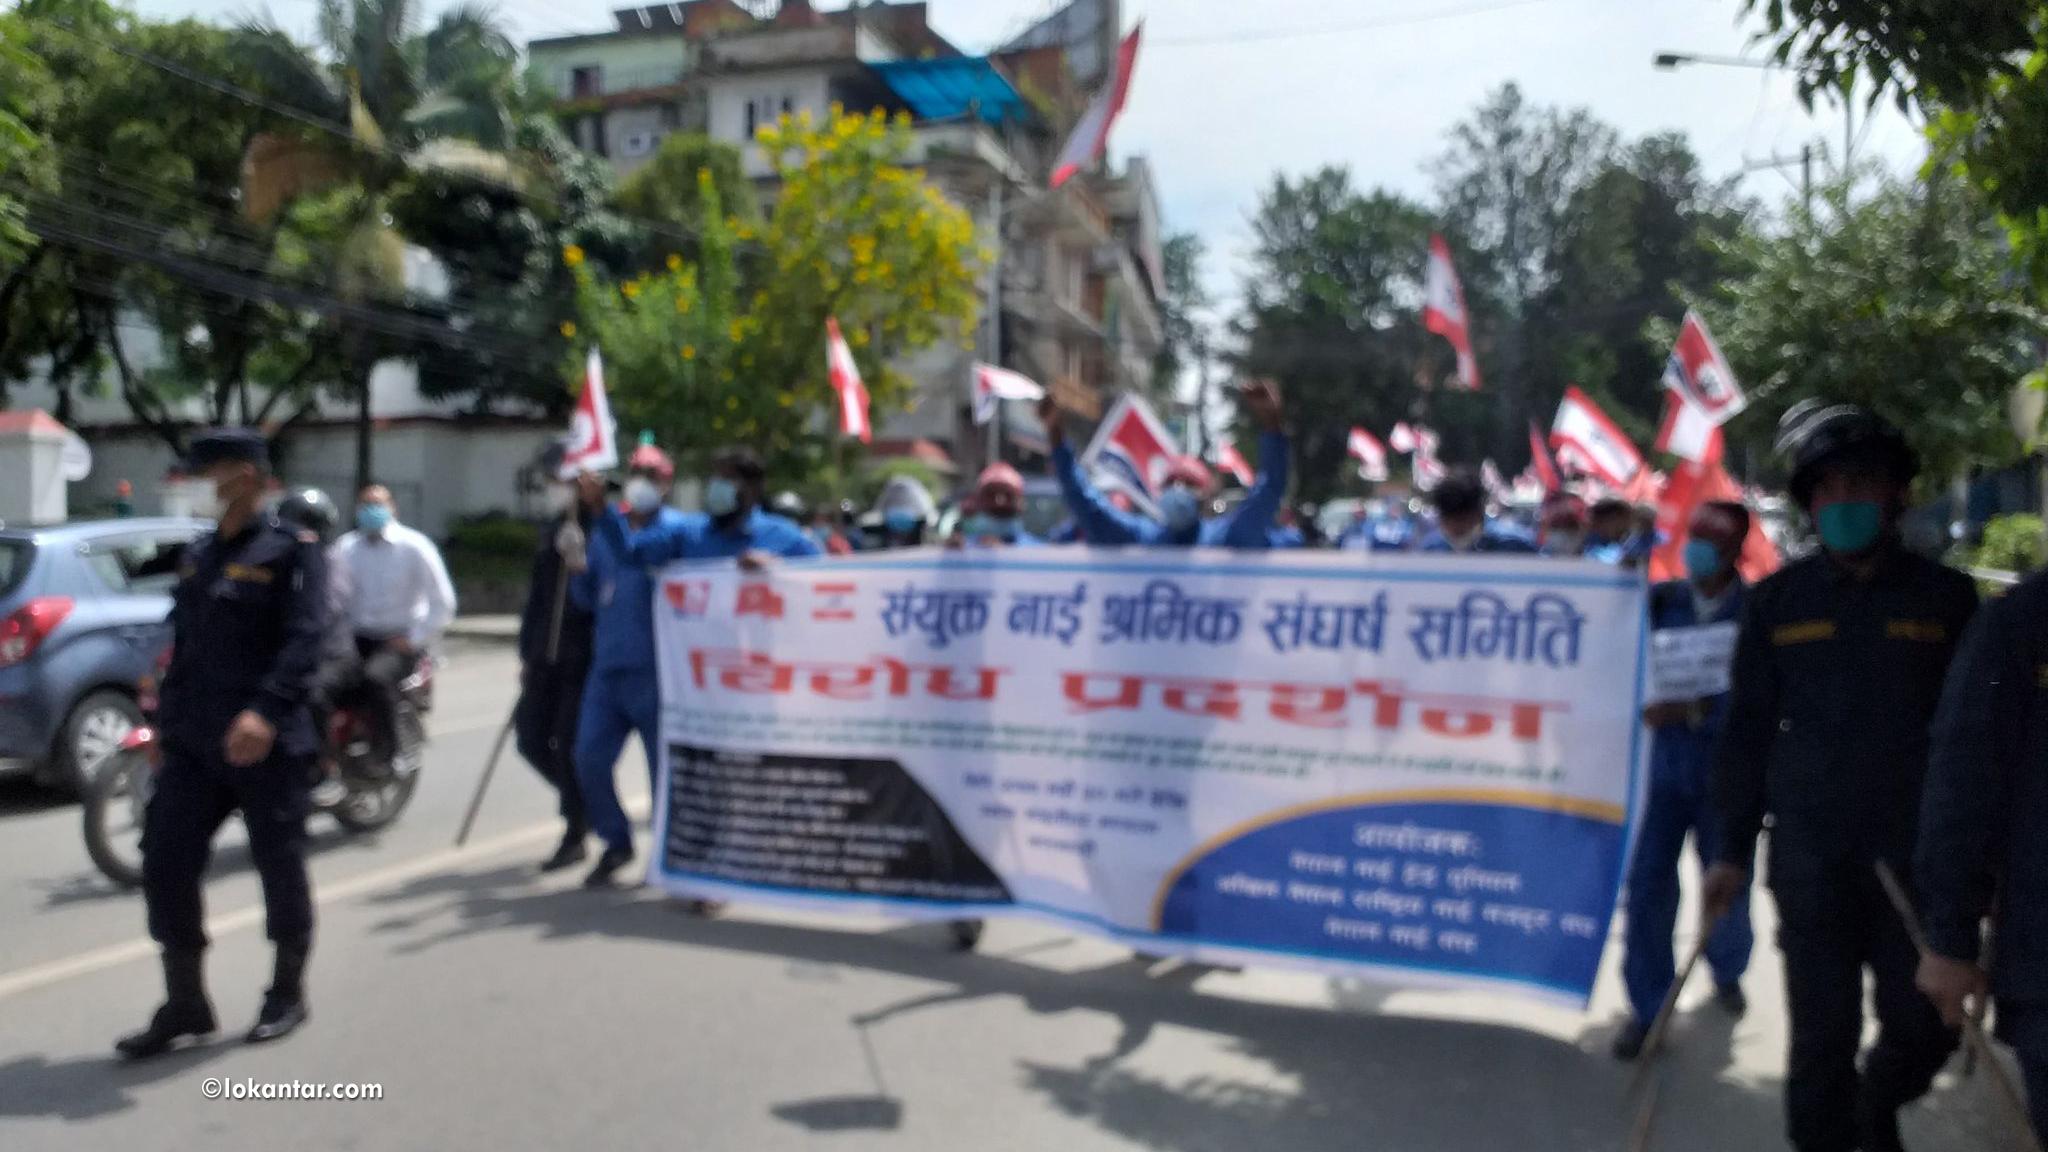 सरकारविरुद्ध चर्को नाराबाजी गर्दै राजधानीमा नाई श्रमिकको विरोध जुलुस